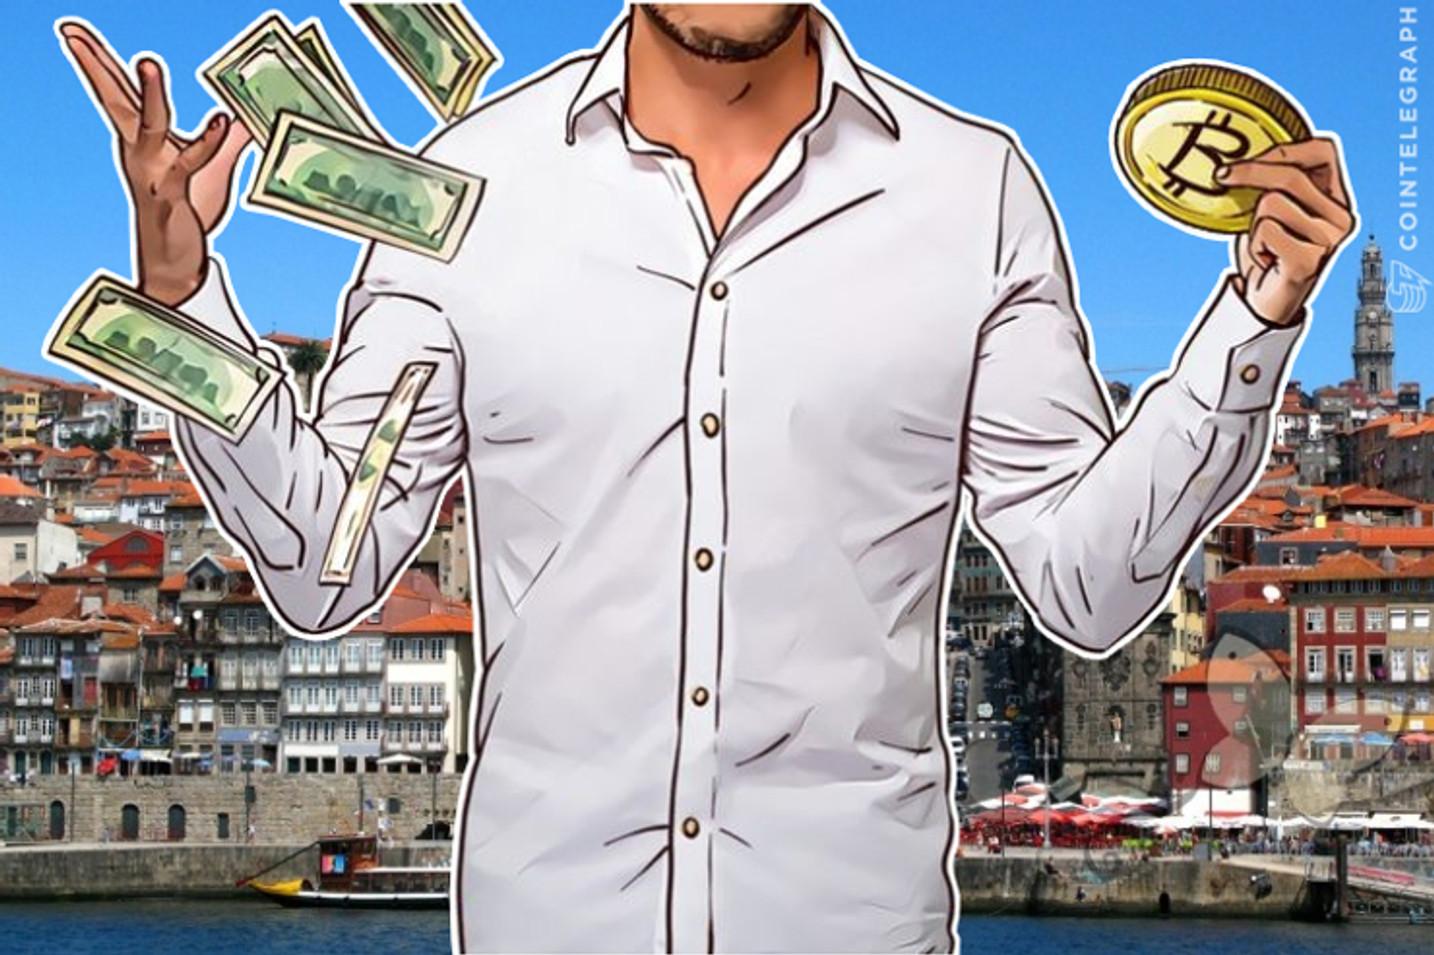 'Bitcoin não irá constituir uma verdadeira alternativa monetária', diz investidor português